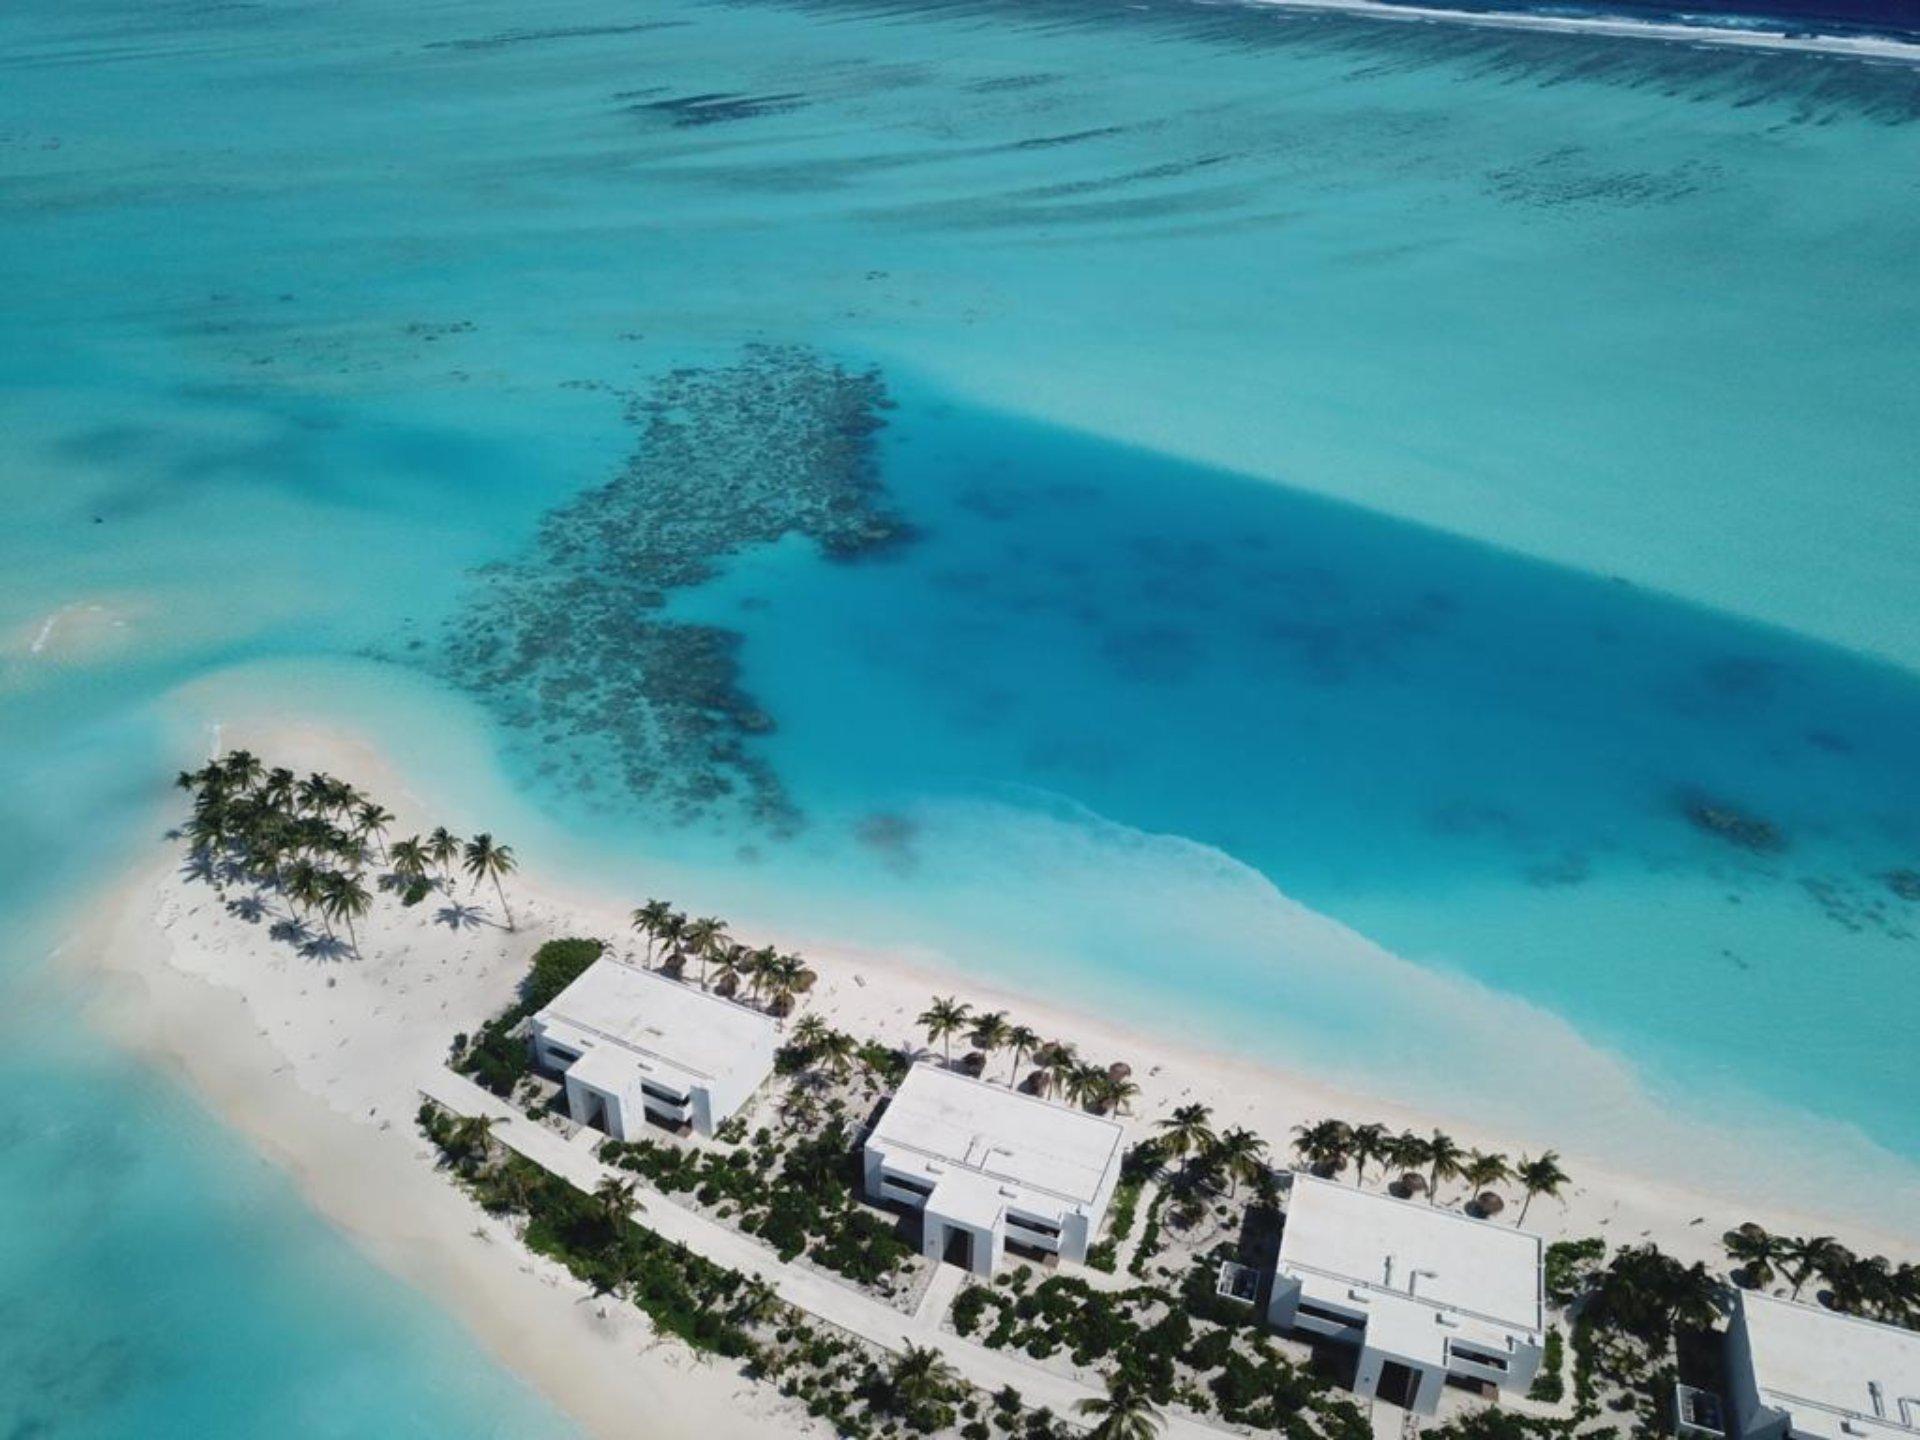 Maldivas, ¡Bienvenidos al lado soleado de la vida!